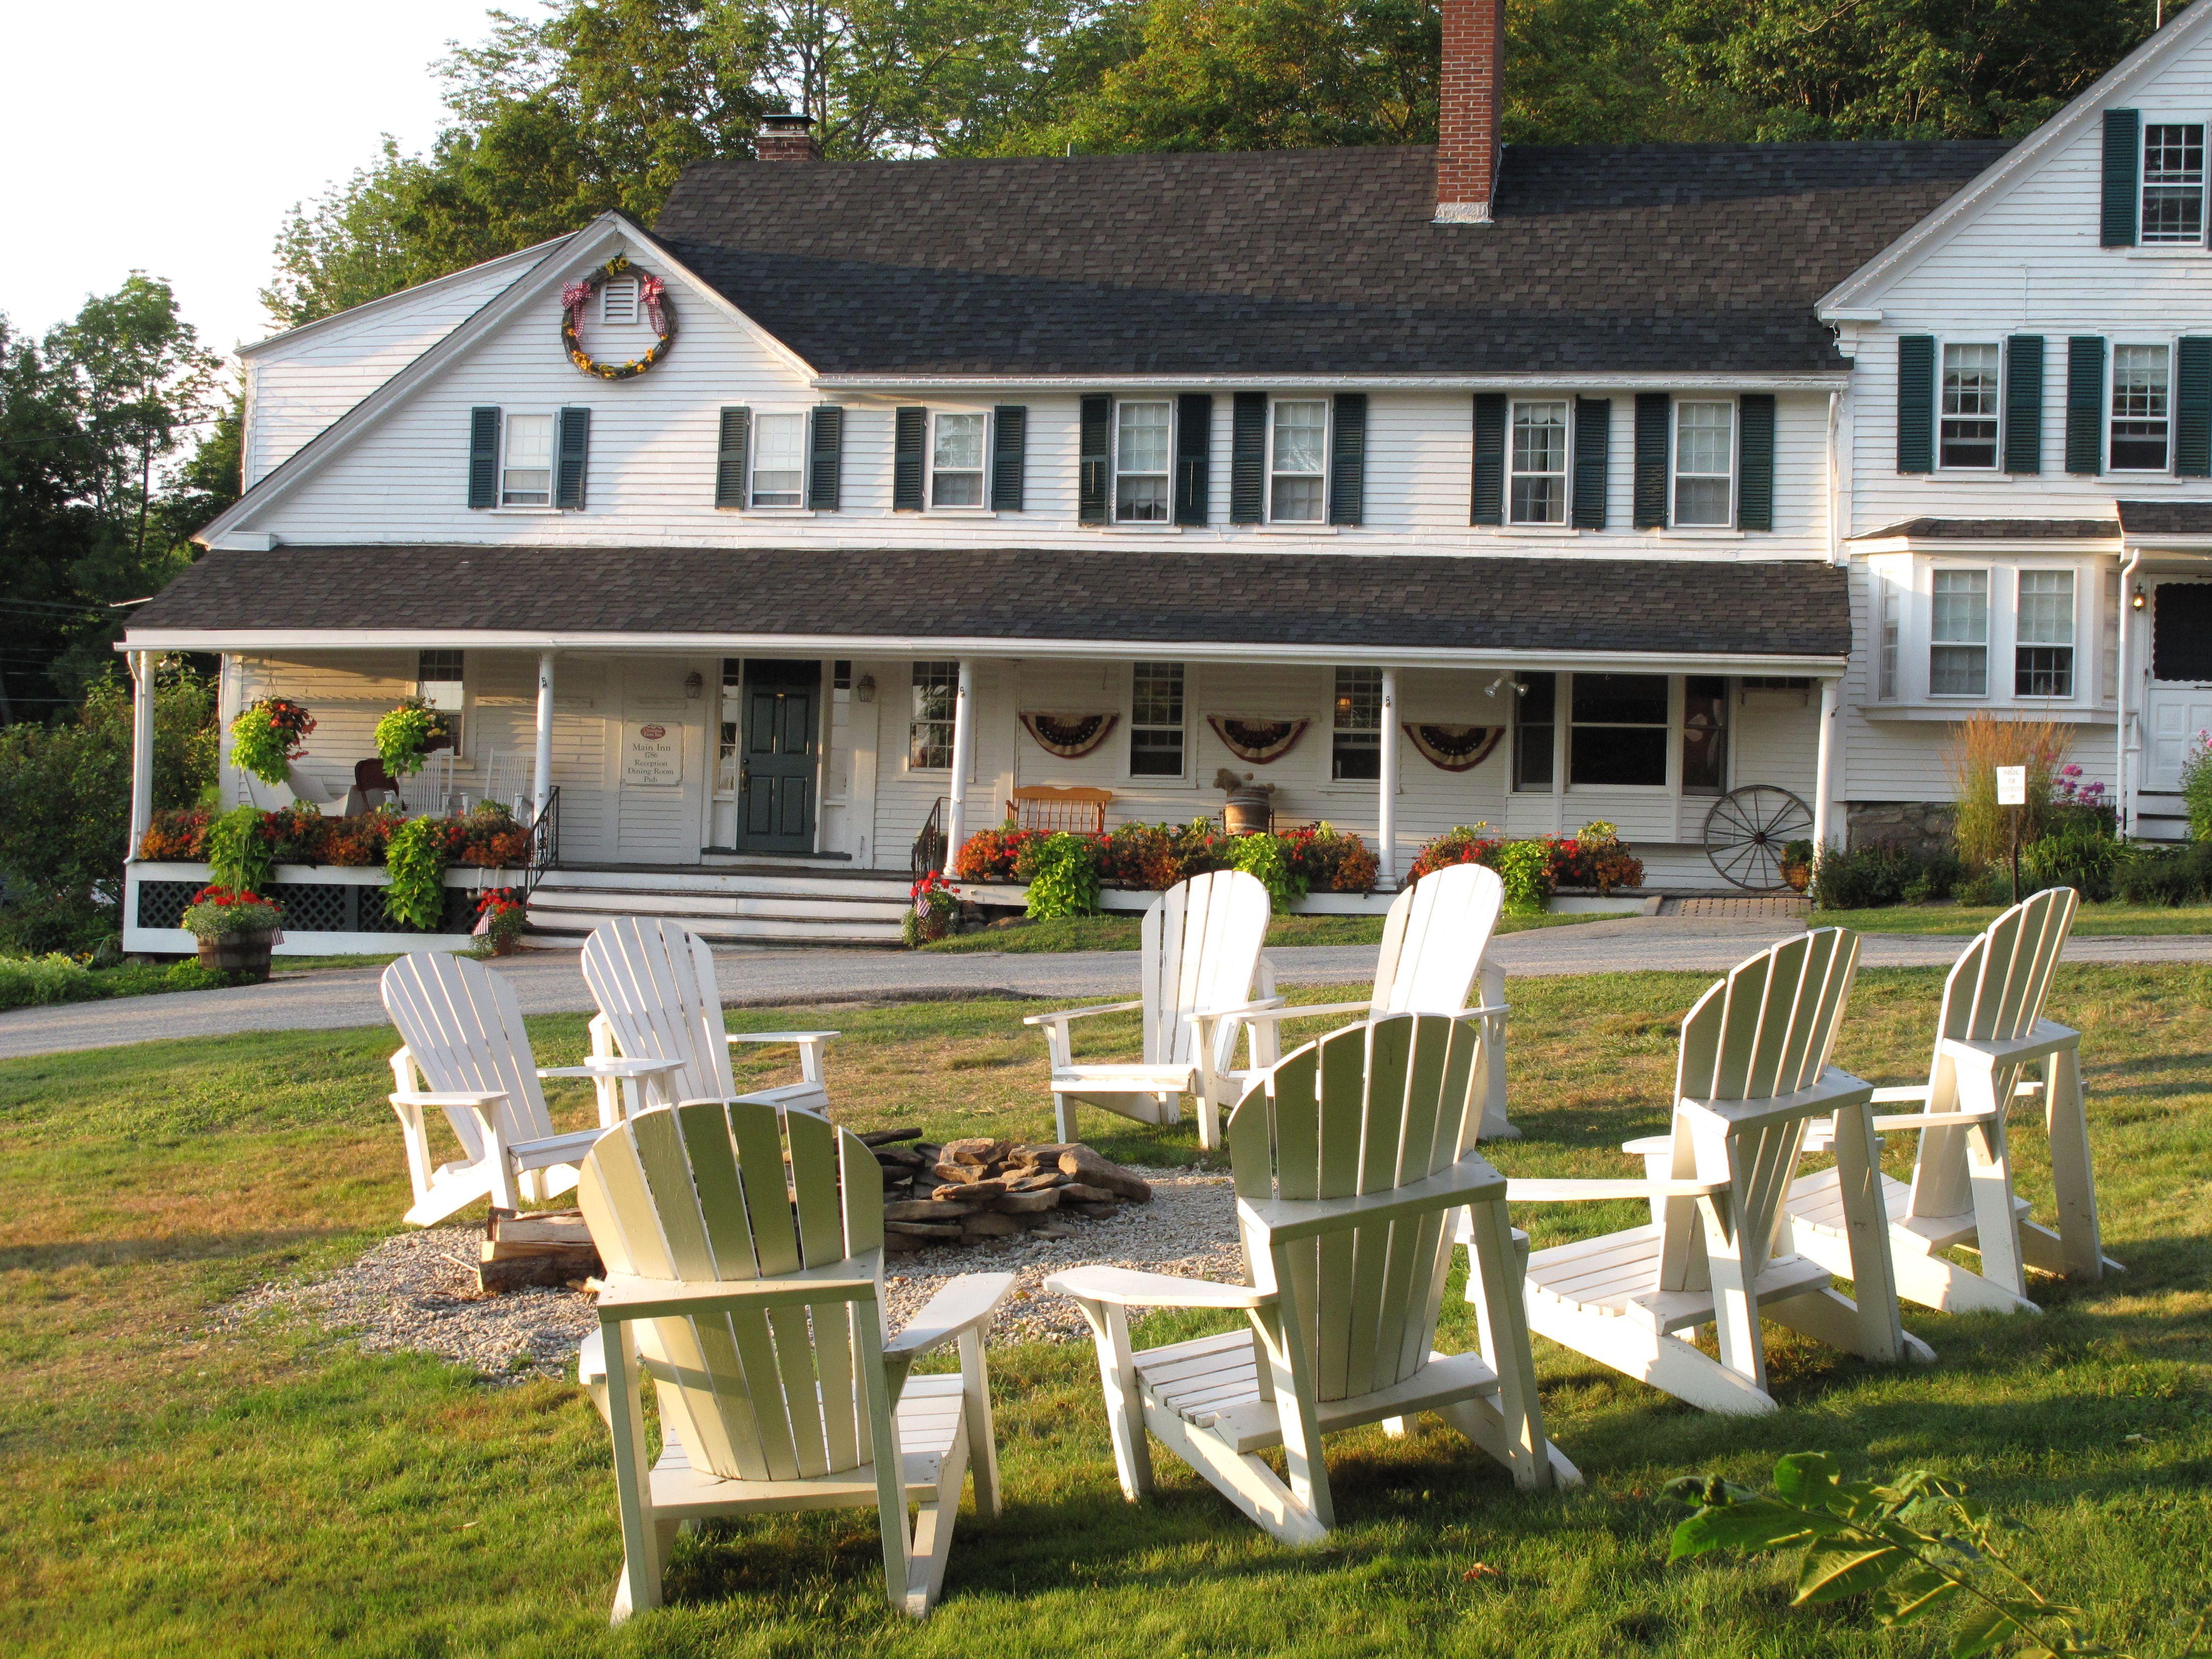 Pin By Christmas Farm Inn On The Christmas Farm Inn Christmas Farm Places The Good Place